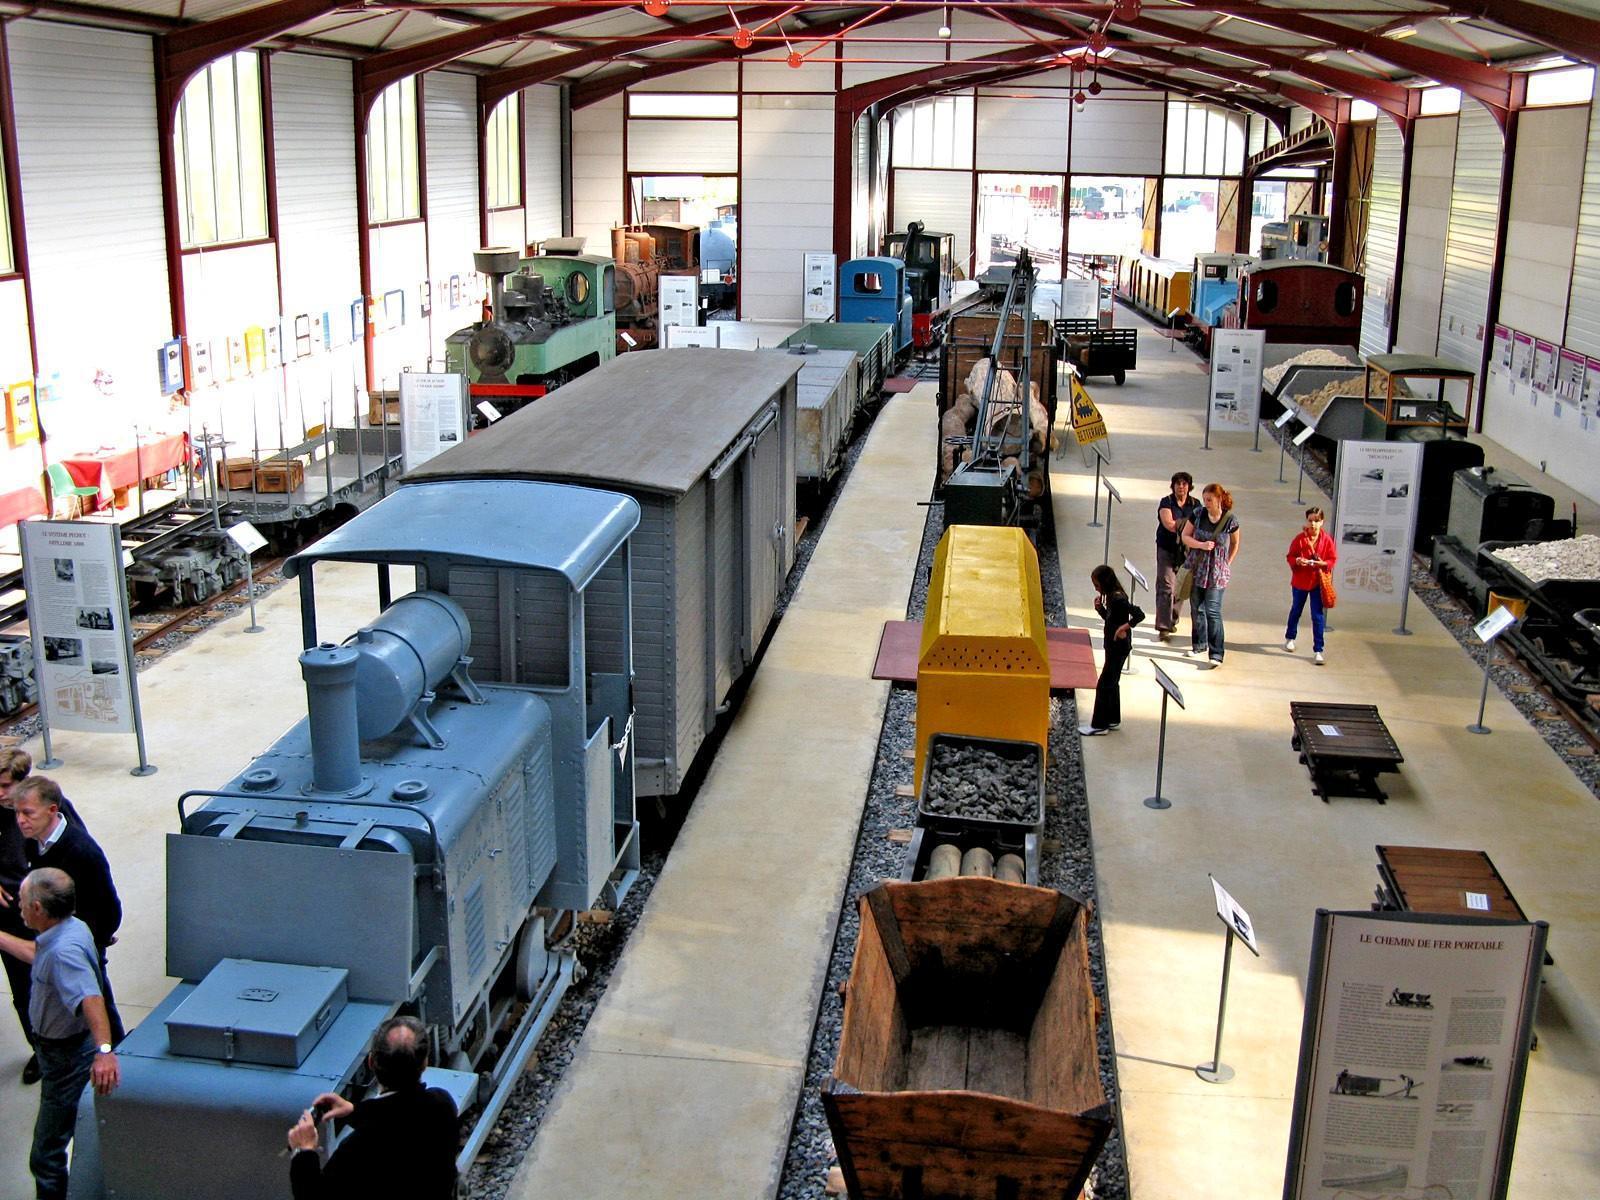 Musée du P'tit train de la Haute Somme